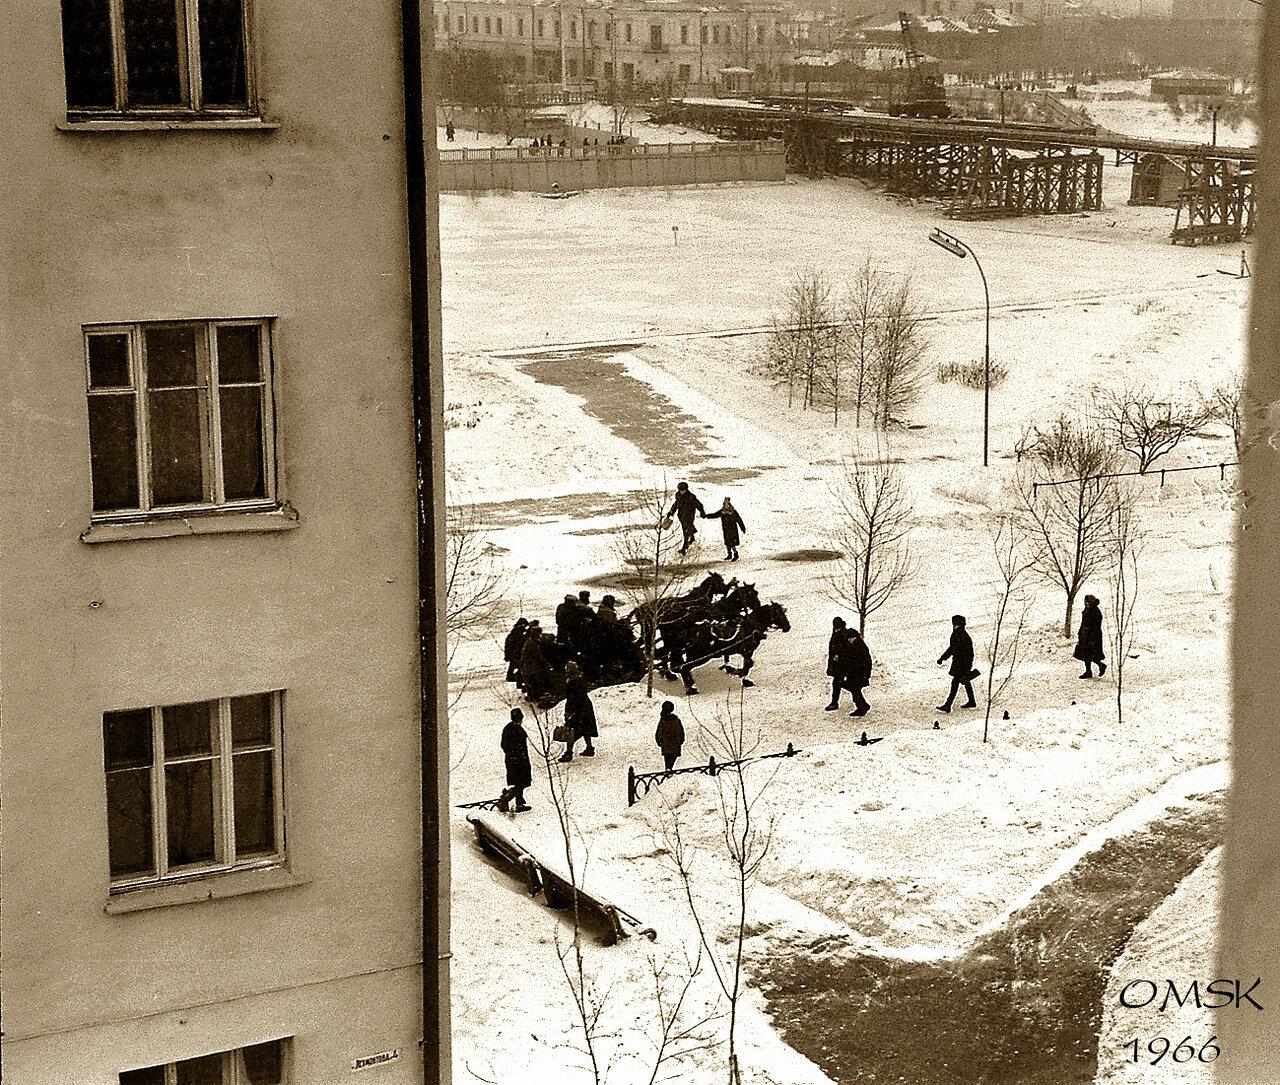 Омск. 1966. Вдоль по Лермонтовской.